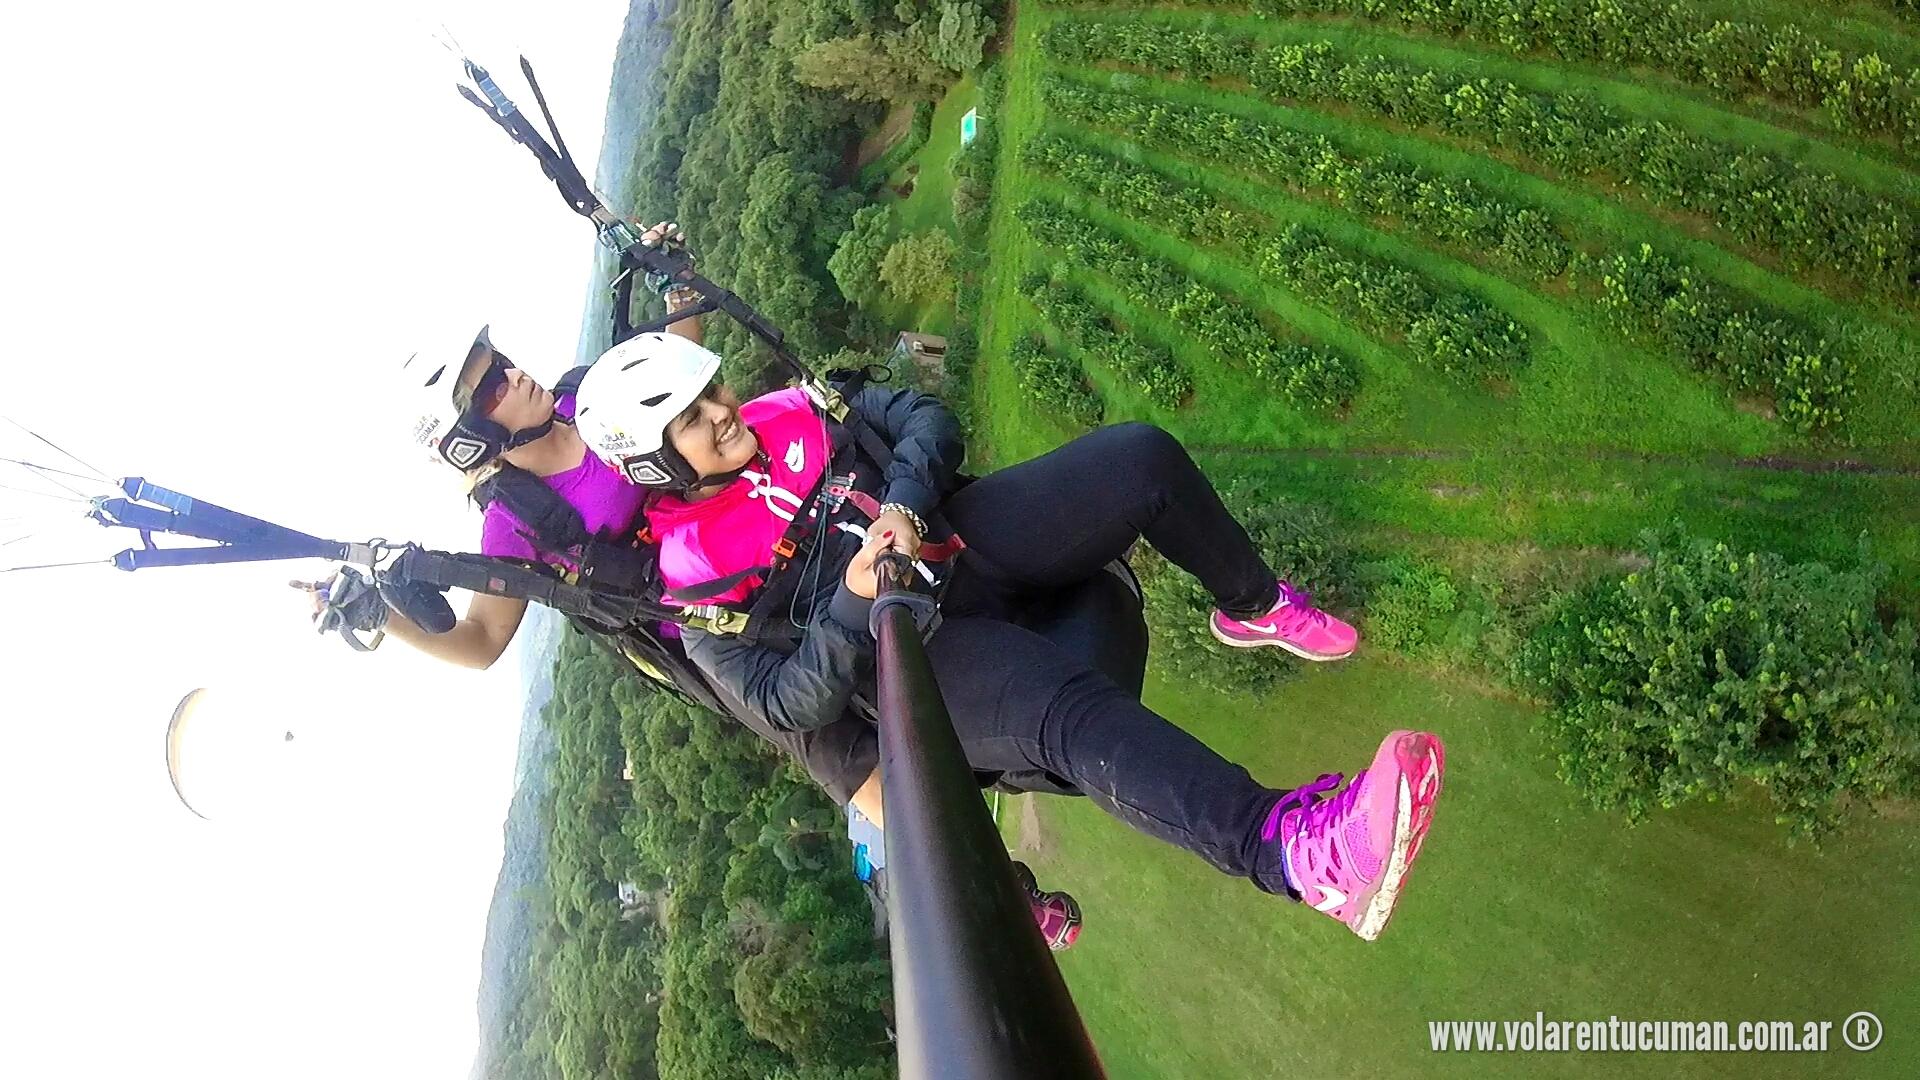 Volar en Tucuman Parapente Tucuman (10)